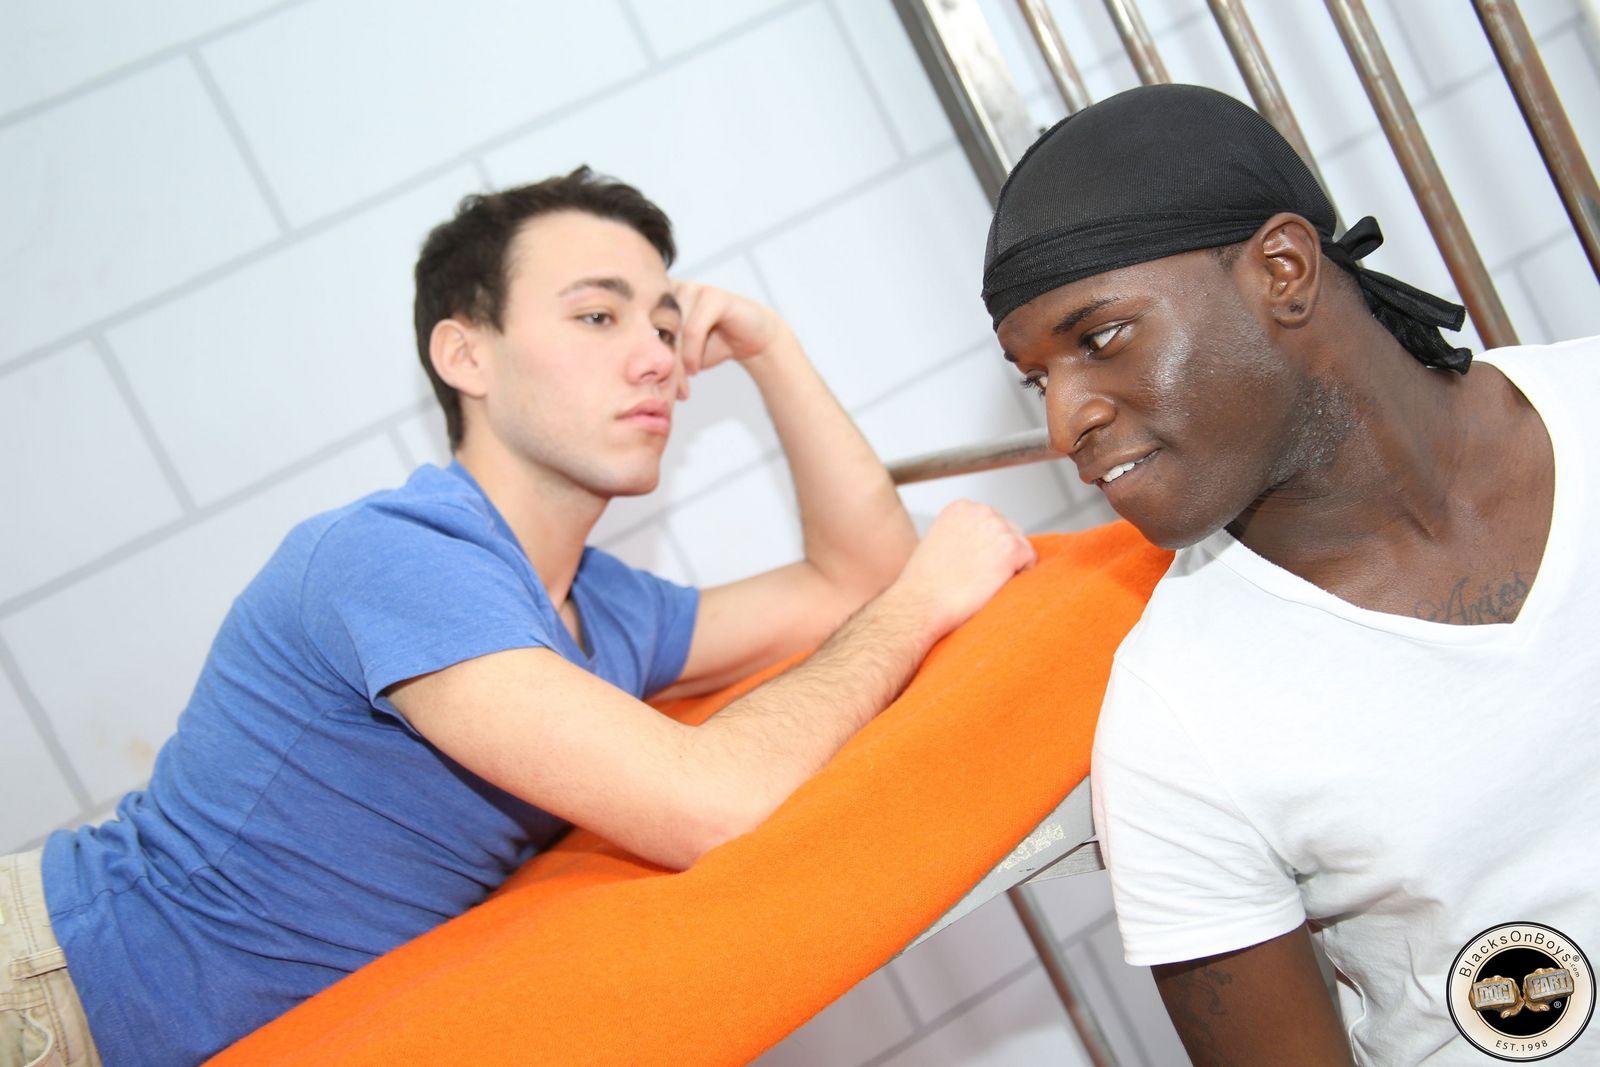 Африканец трахнул белоснежного парня